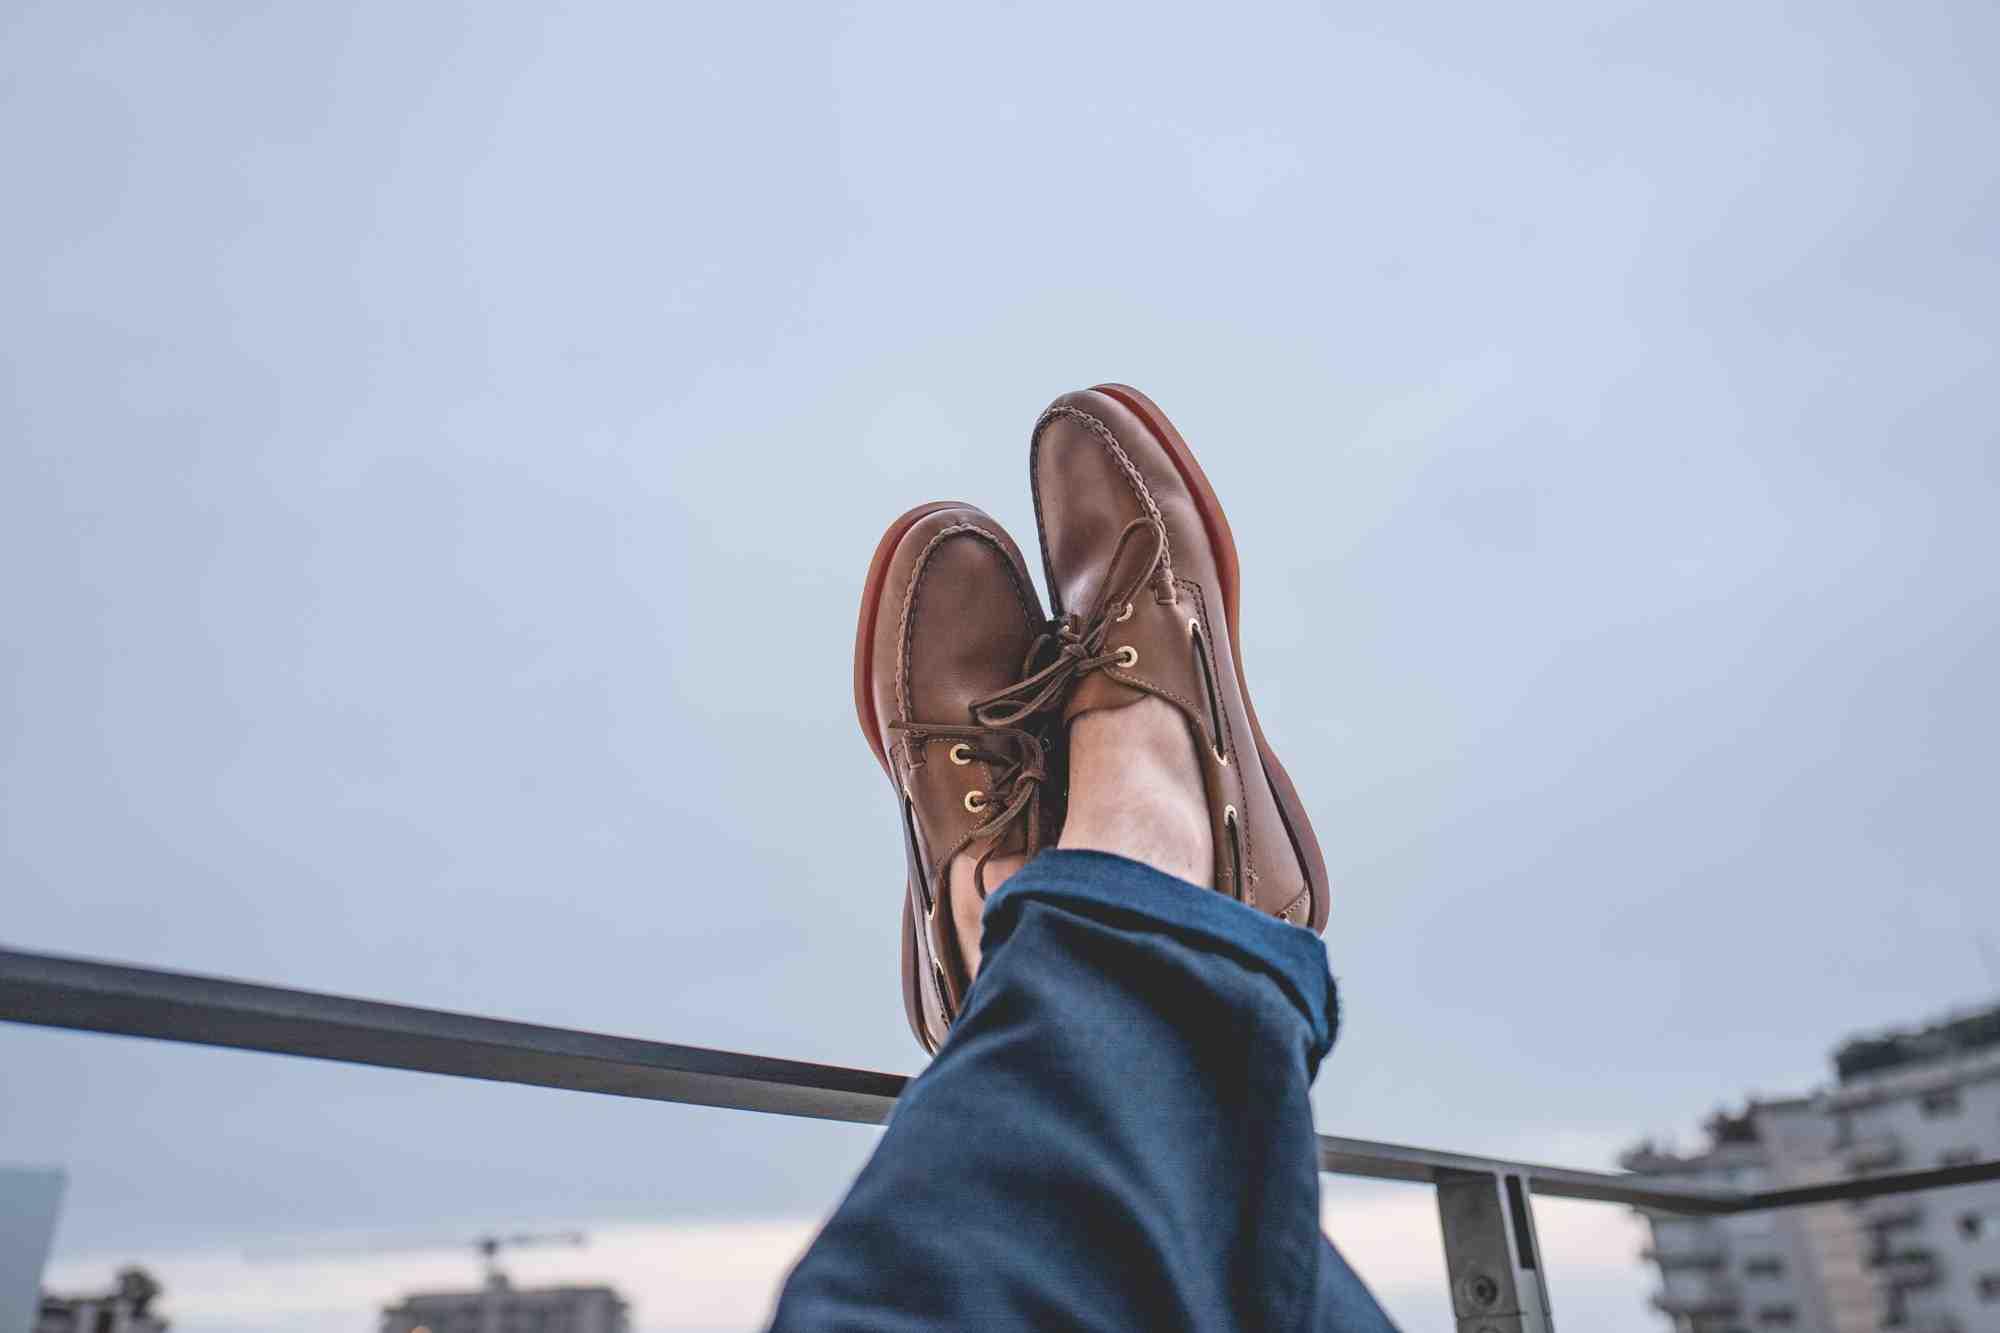 Pourquoi des chaussures bateau?